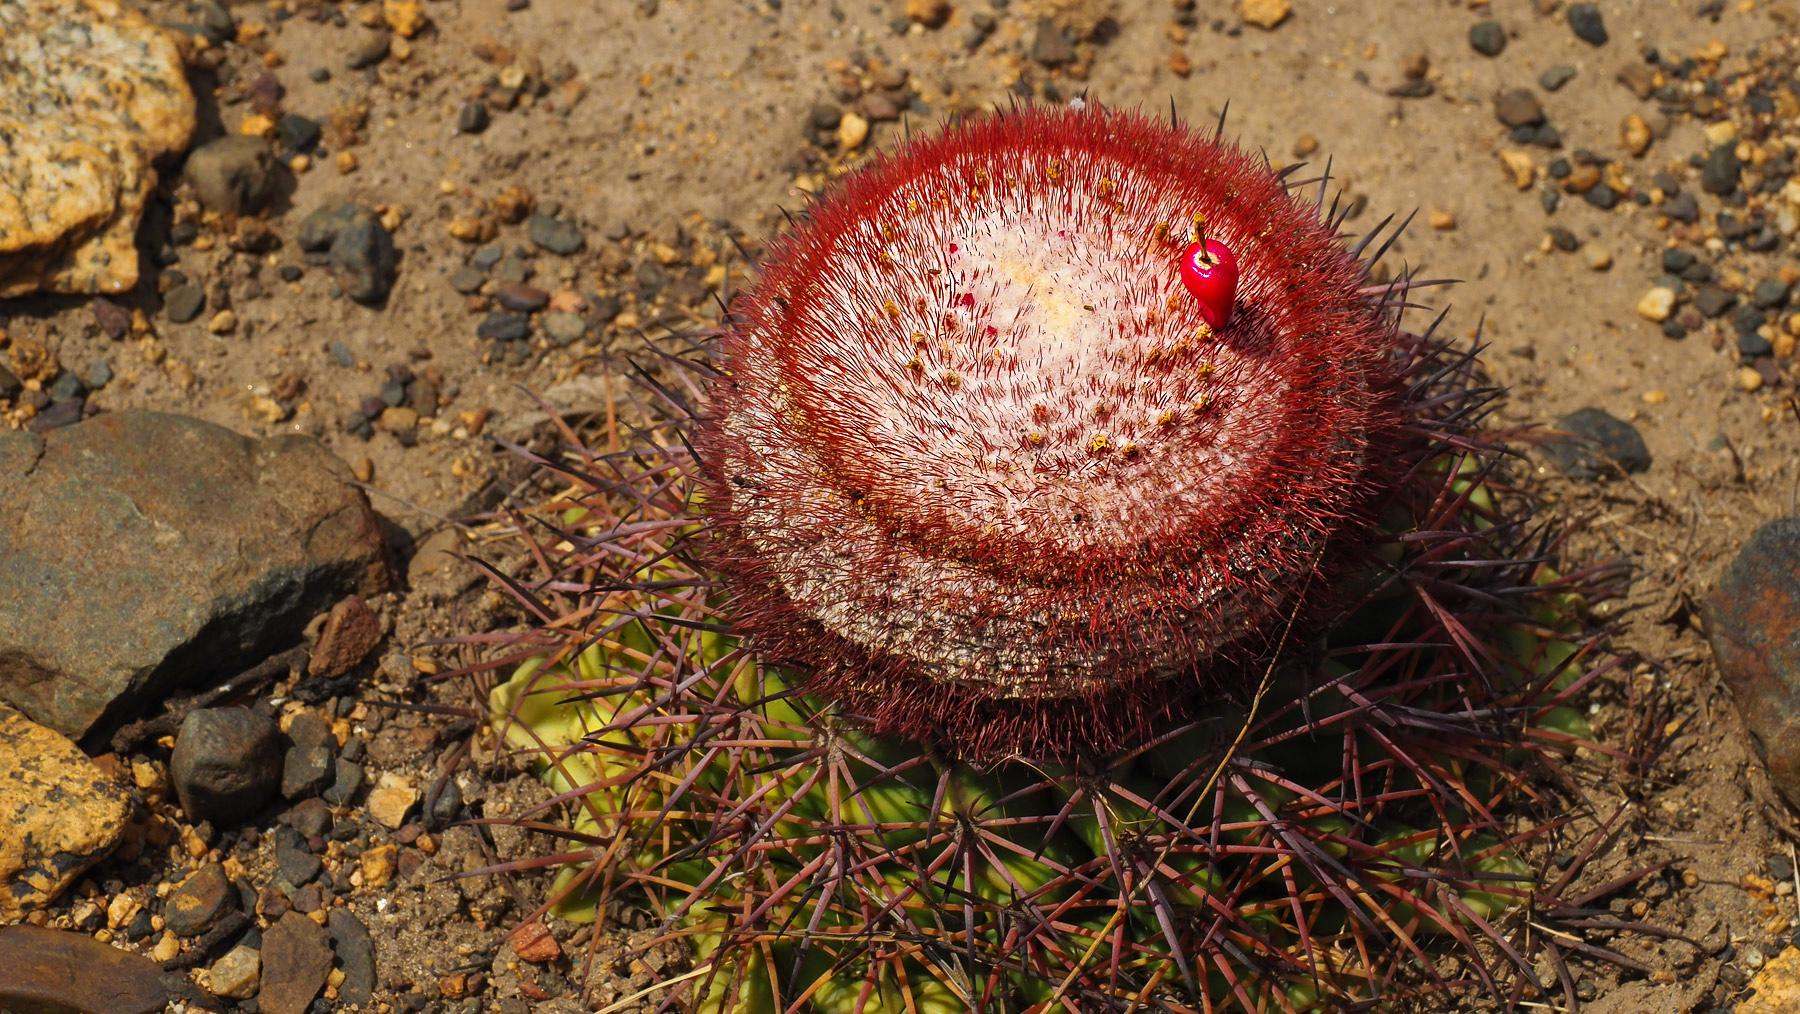 Seltsamer Kaktus mit kleiner roter Frucht